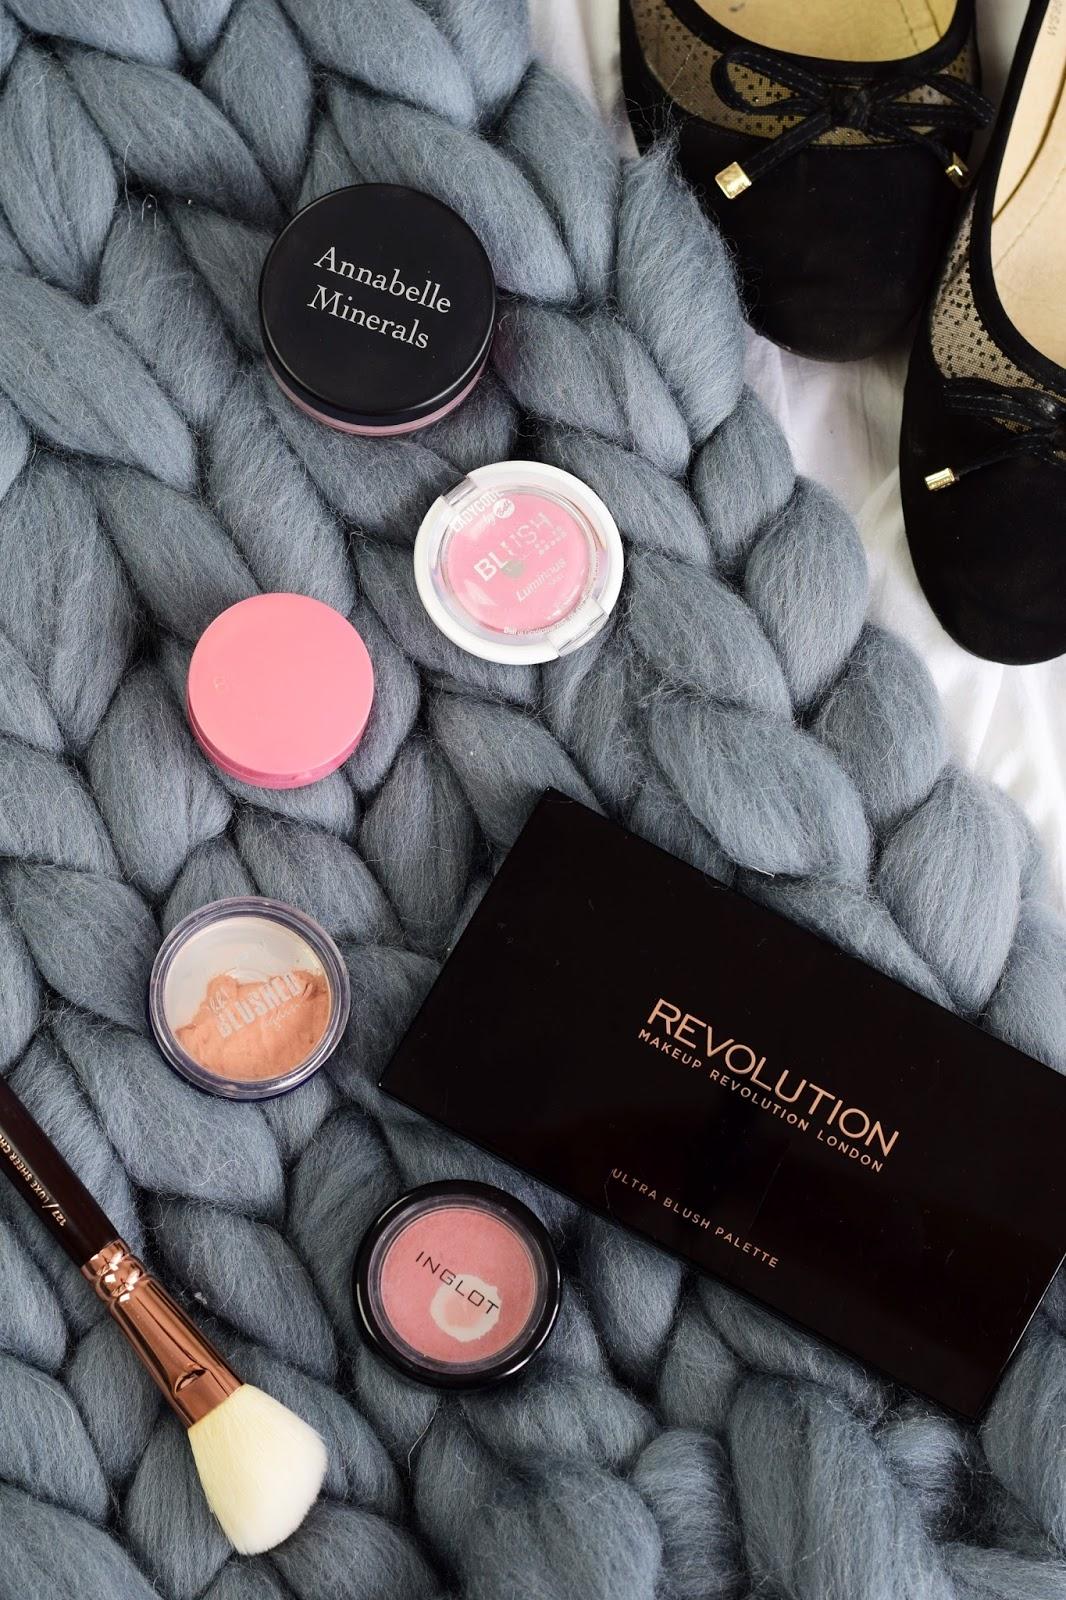 róż_do_policzków_najlepsze_jaki_wybrać_swatche_blog_inglot_annabelle_minerals_miss_sporty_bourjois_bell_makeup_revolution